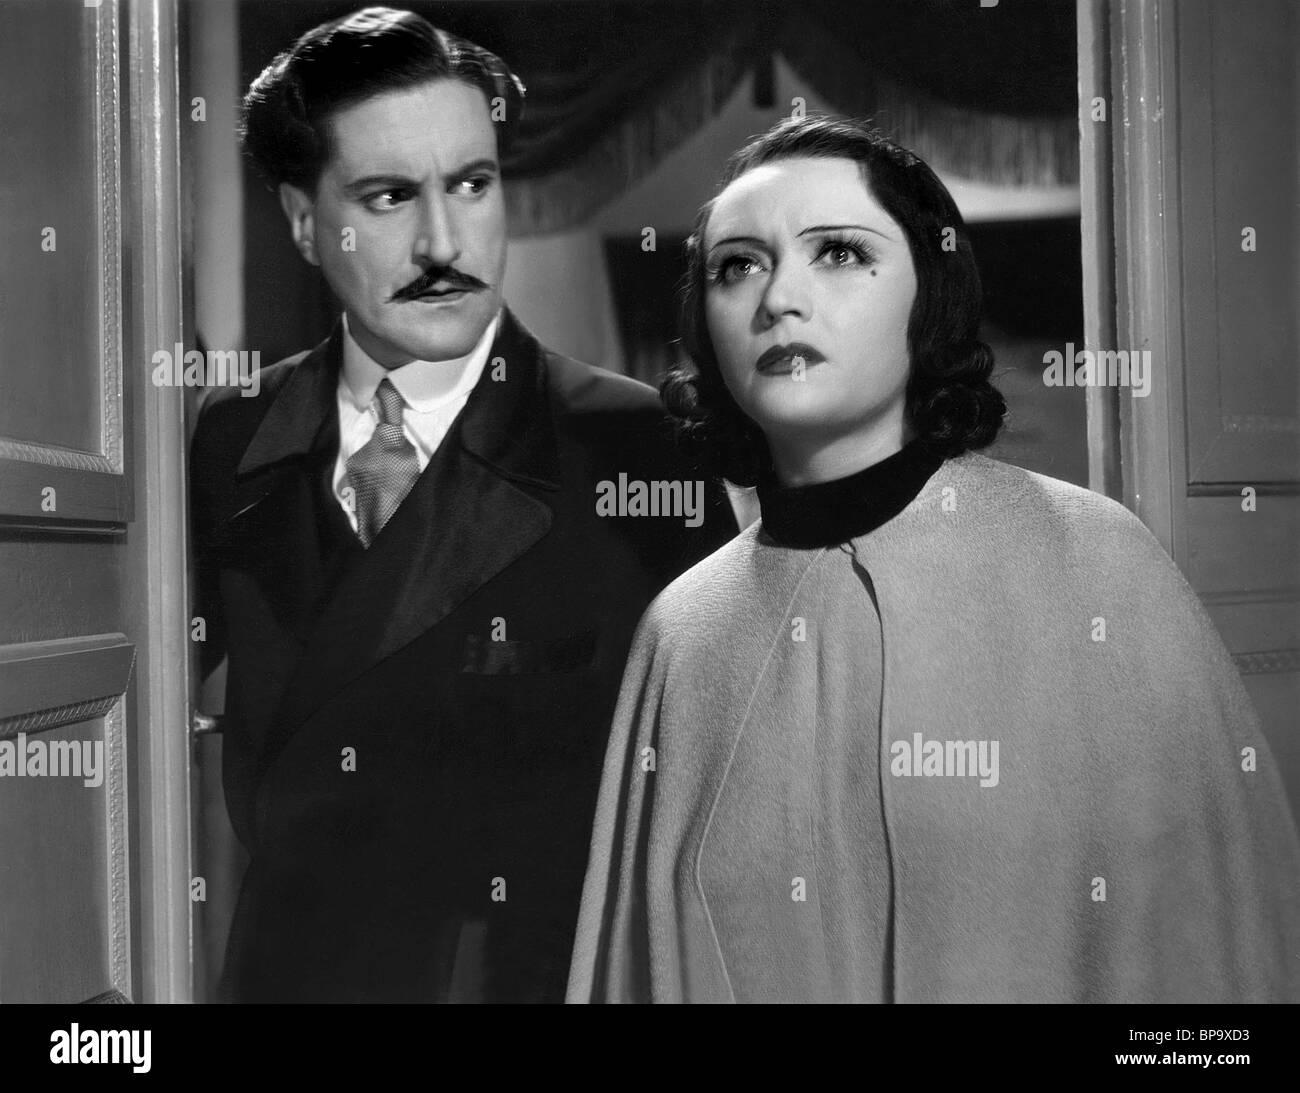 ALBRECHT SCHOENHALS & POLA NEGRI MAZURKA (1935) Stockbild